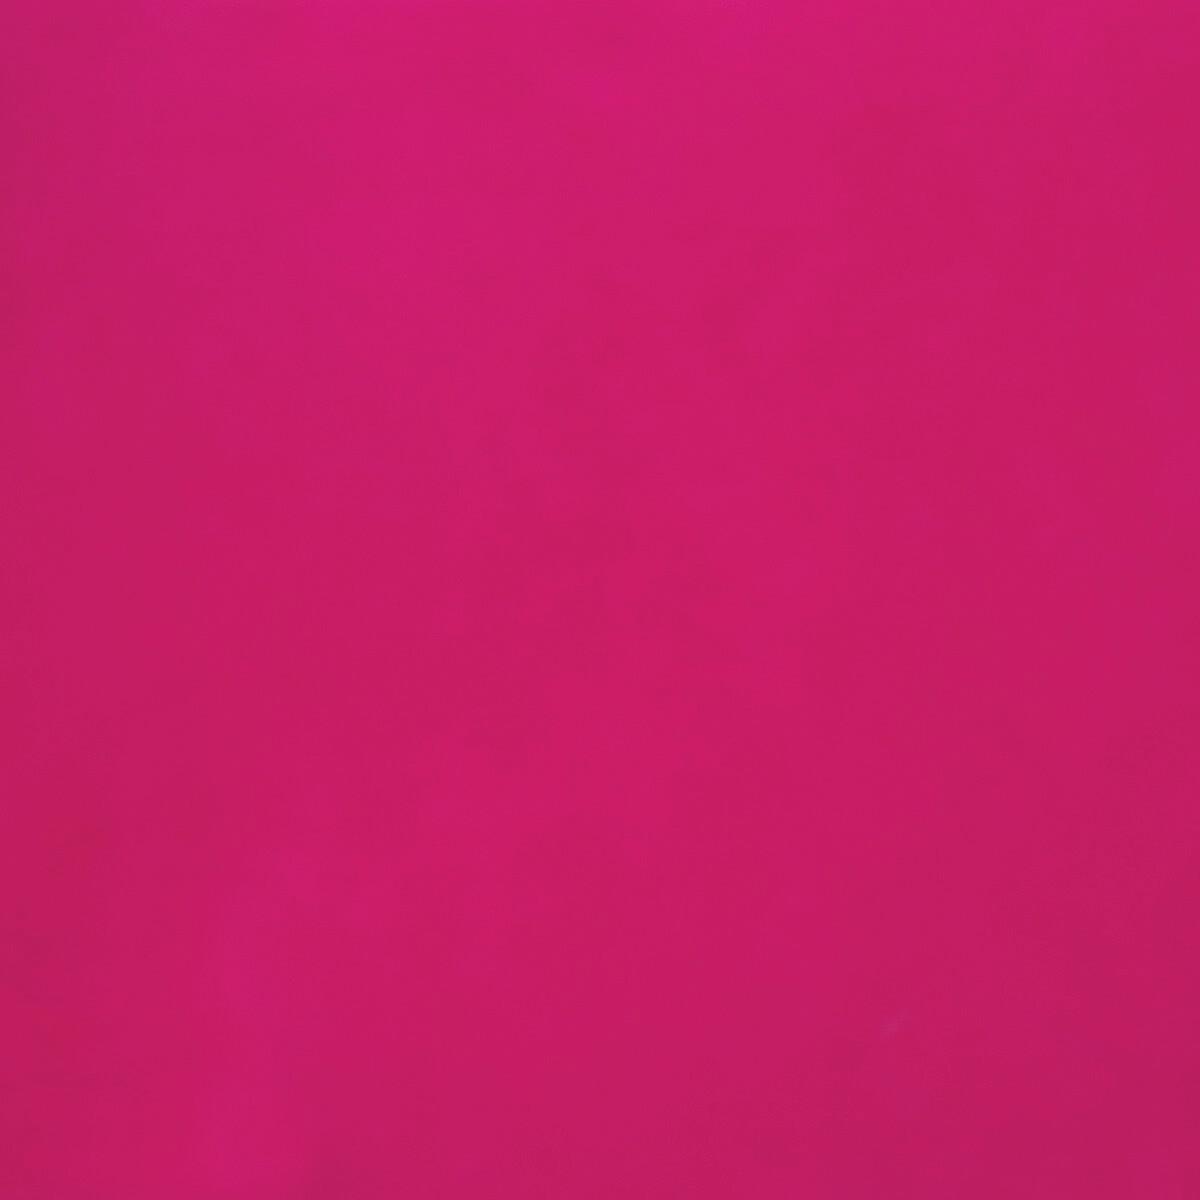 Raspberry Hotmark Revolution HTV - Large Roll